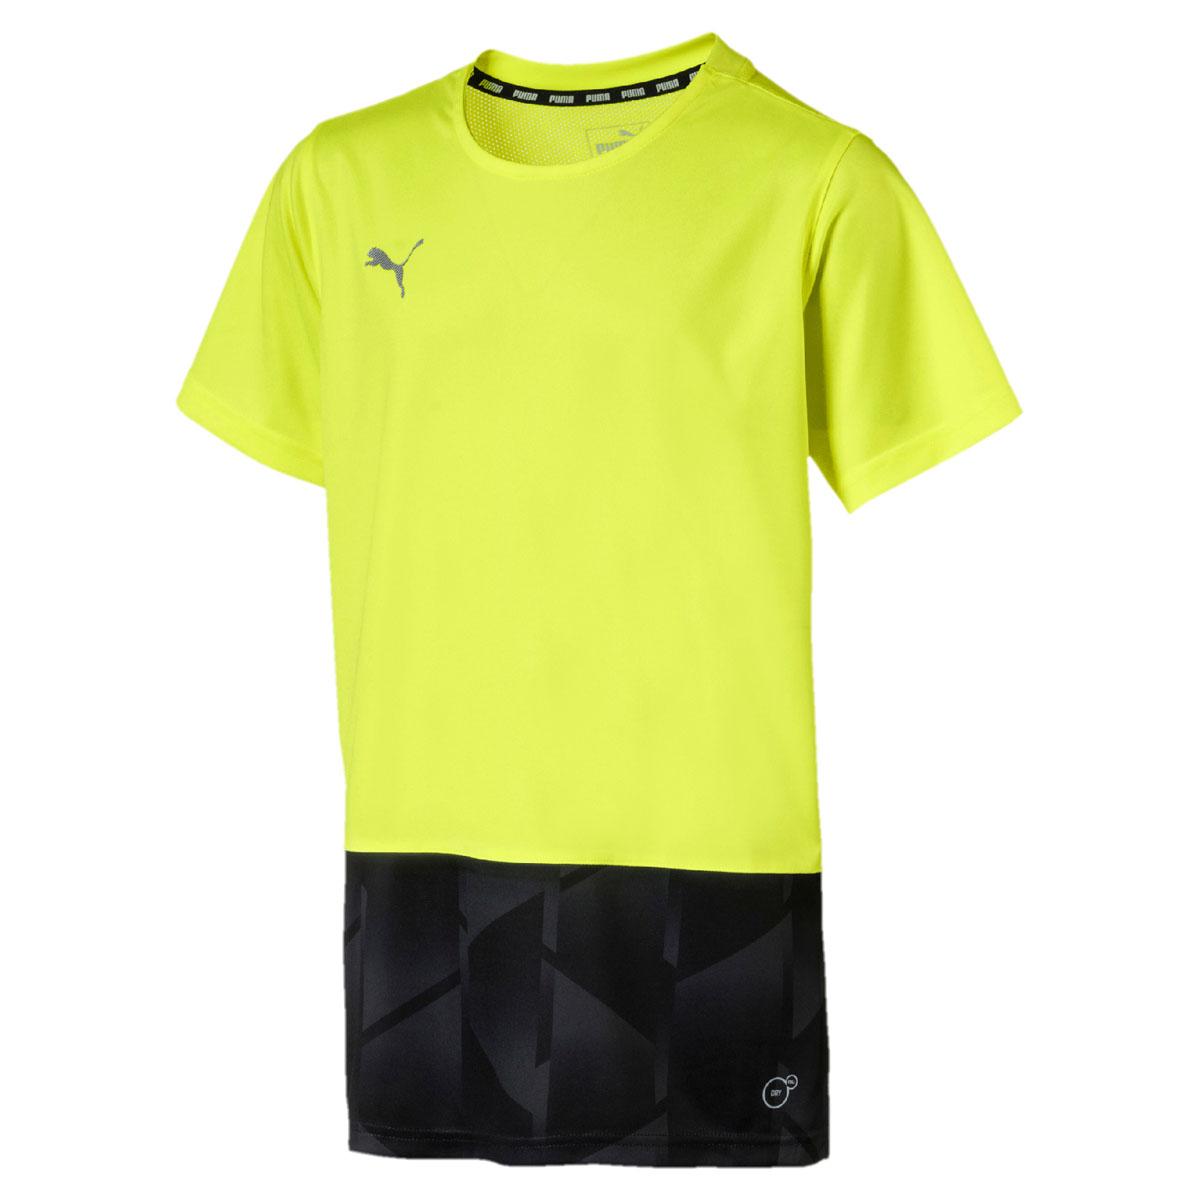 Футболка для мальчика Puma ftblNXT Graphic Shirt Jr, цвет: желтый, черный. 655560047. Размер 164 graphic print shirt